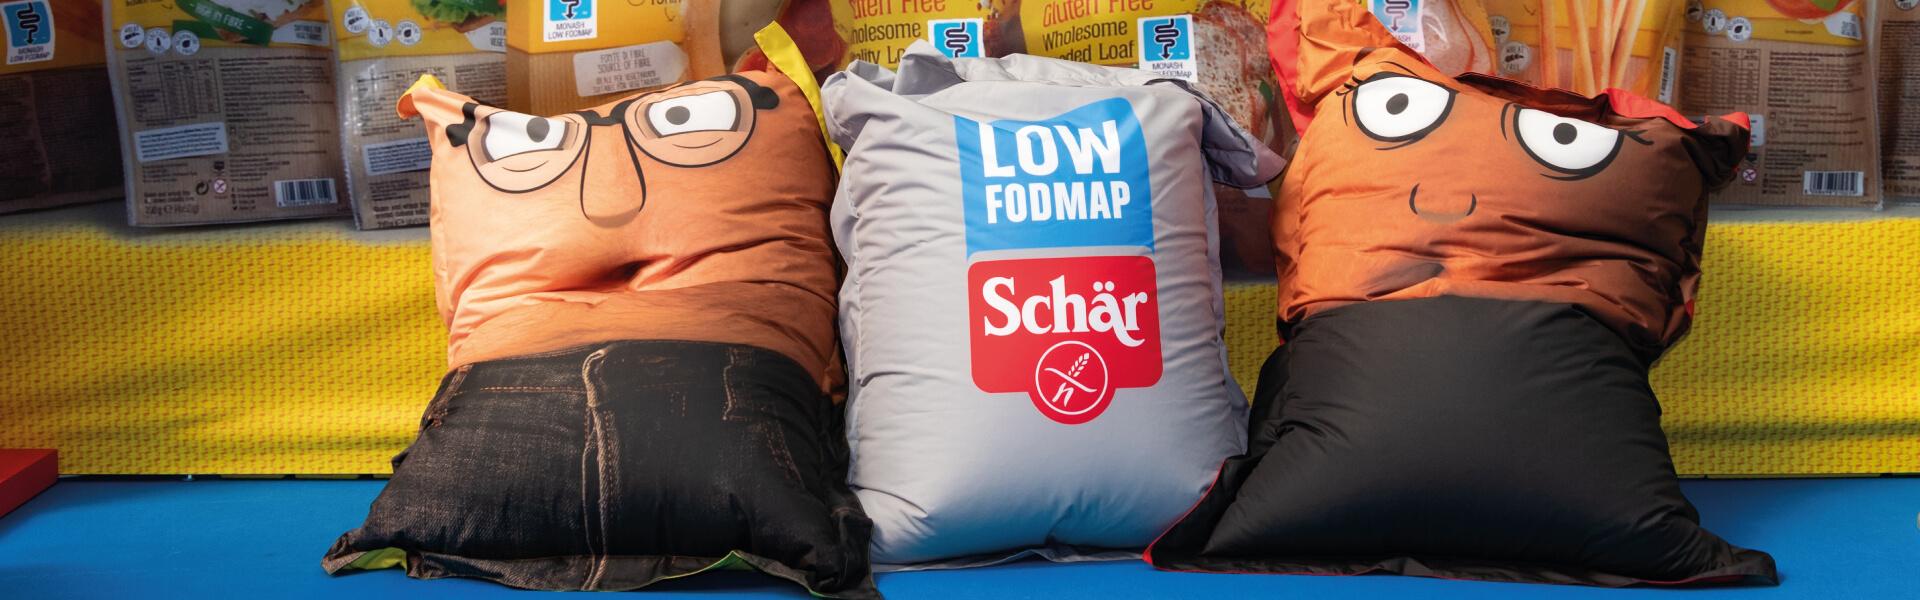 Dr Schar Bean Bags